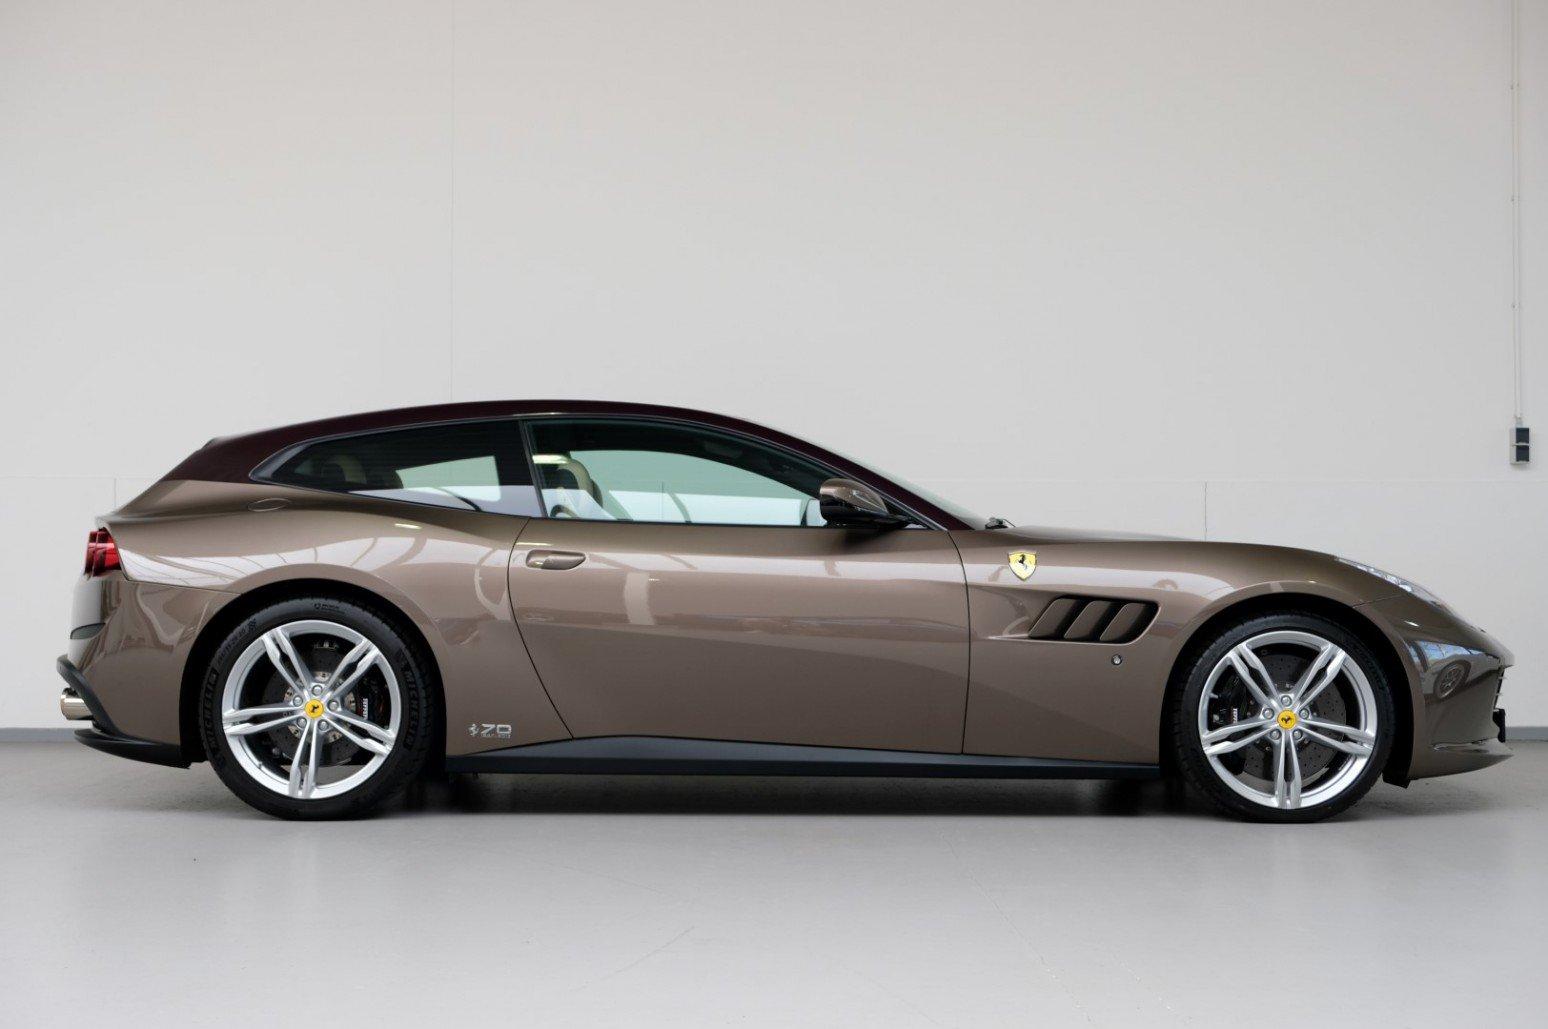 浅棕色车身 6.3升V12发动机 法拉利GTC4Lusso70周